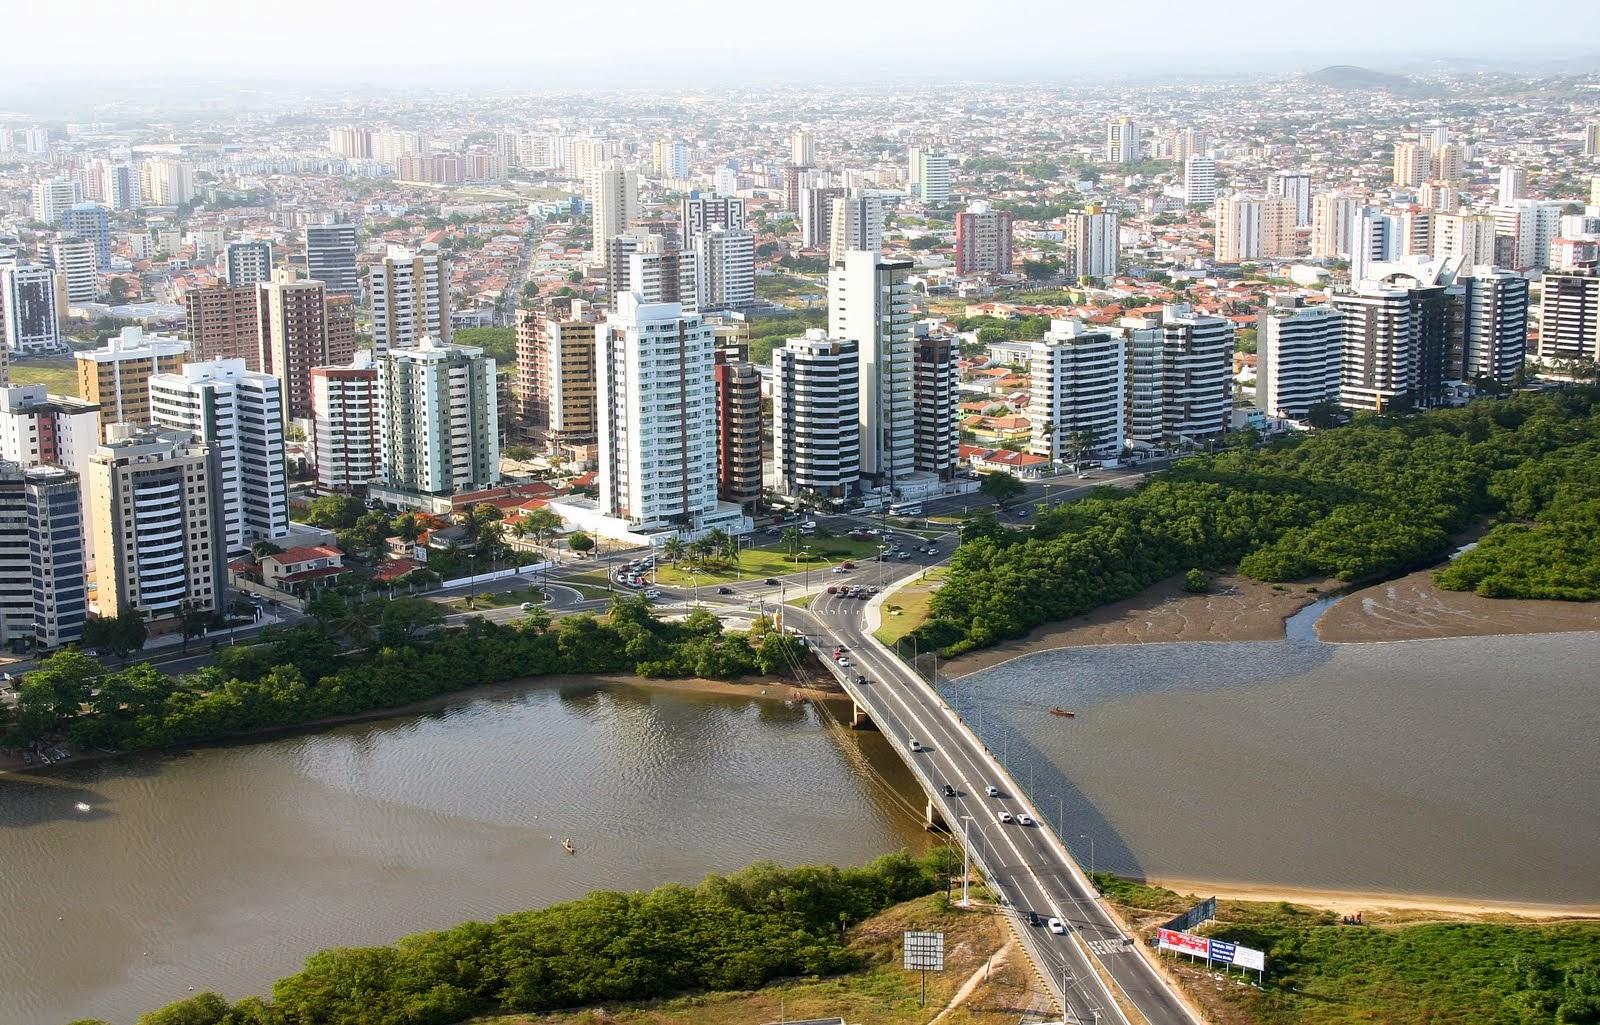 VISTA AÉREA DO BAIRRO 13 DE JULHO EM ARACAJU